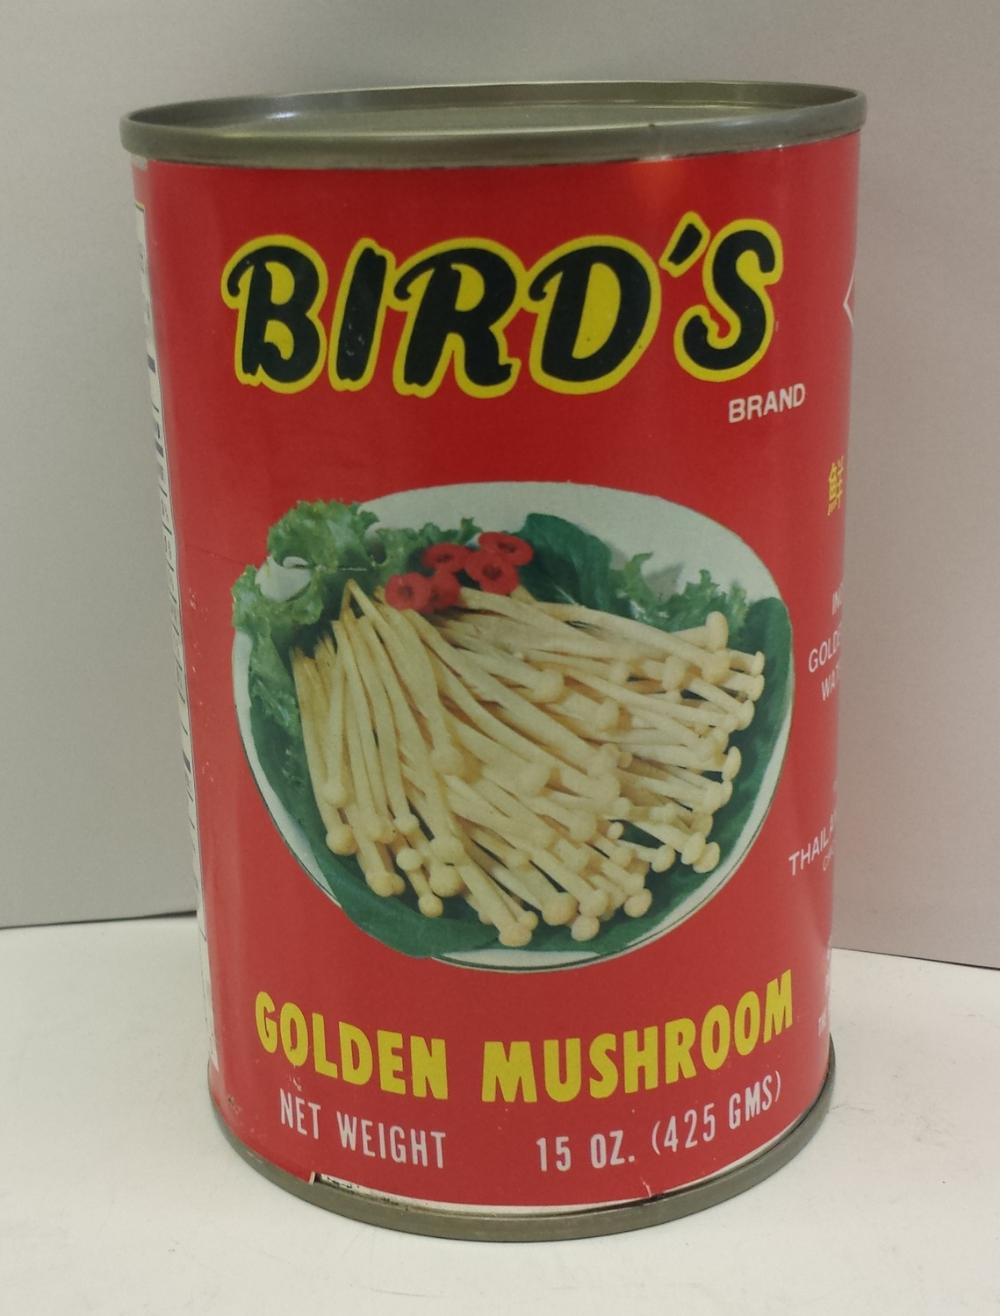 Golden Mushroom    Bird's   MU13100 24x15 oz